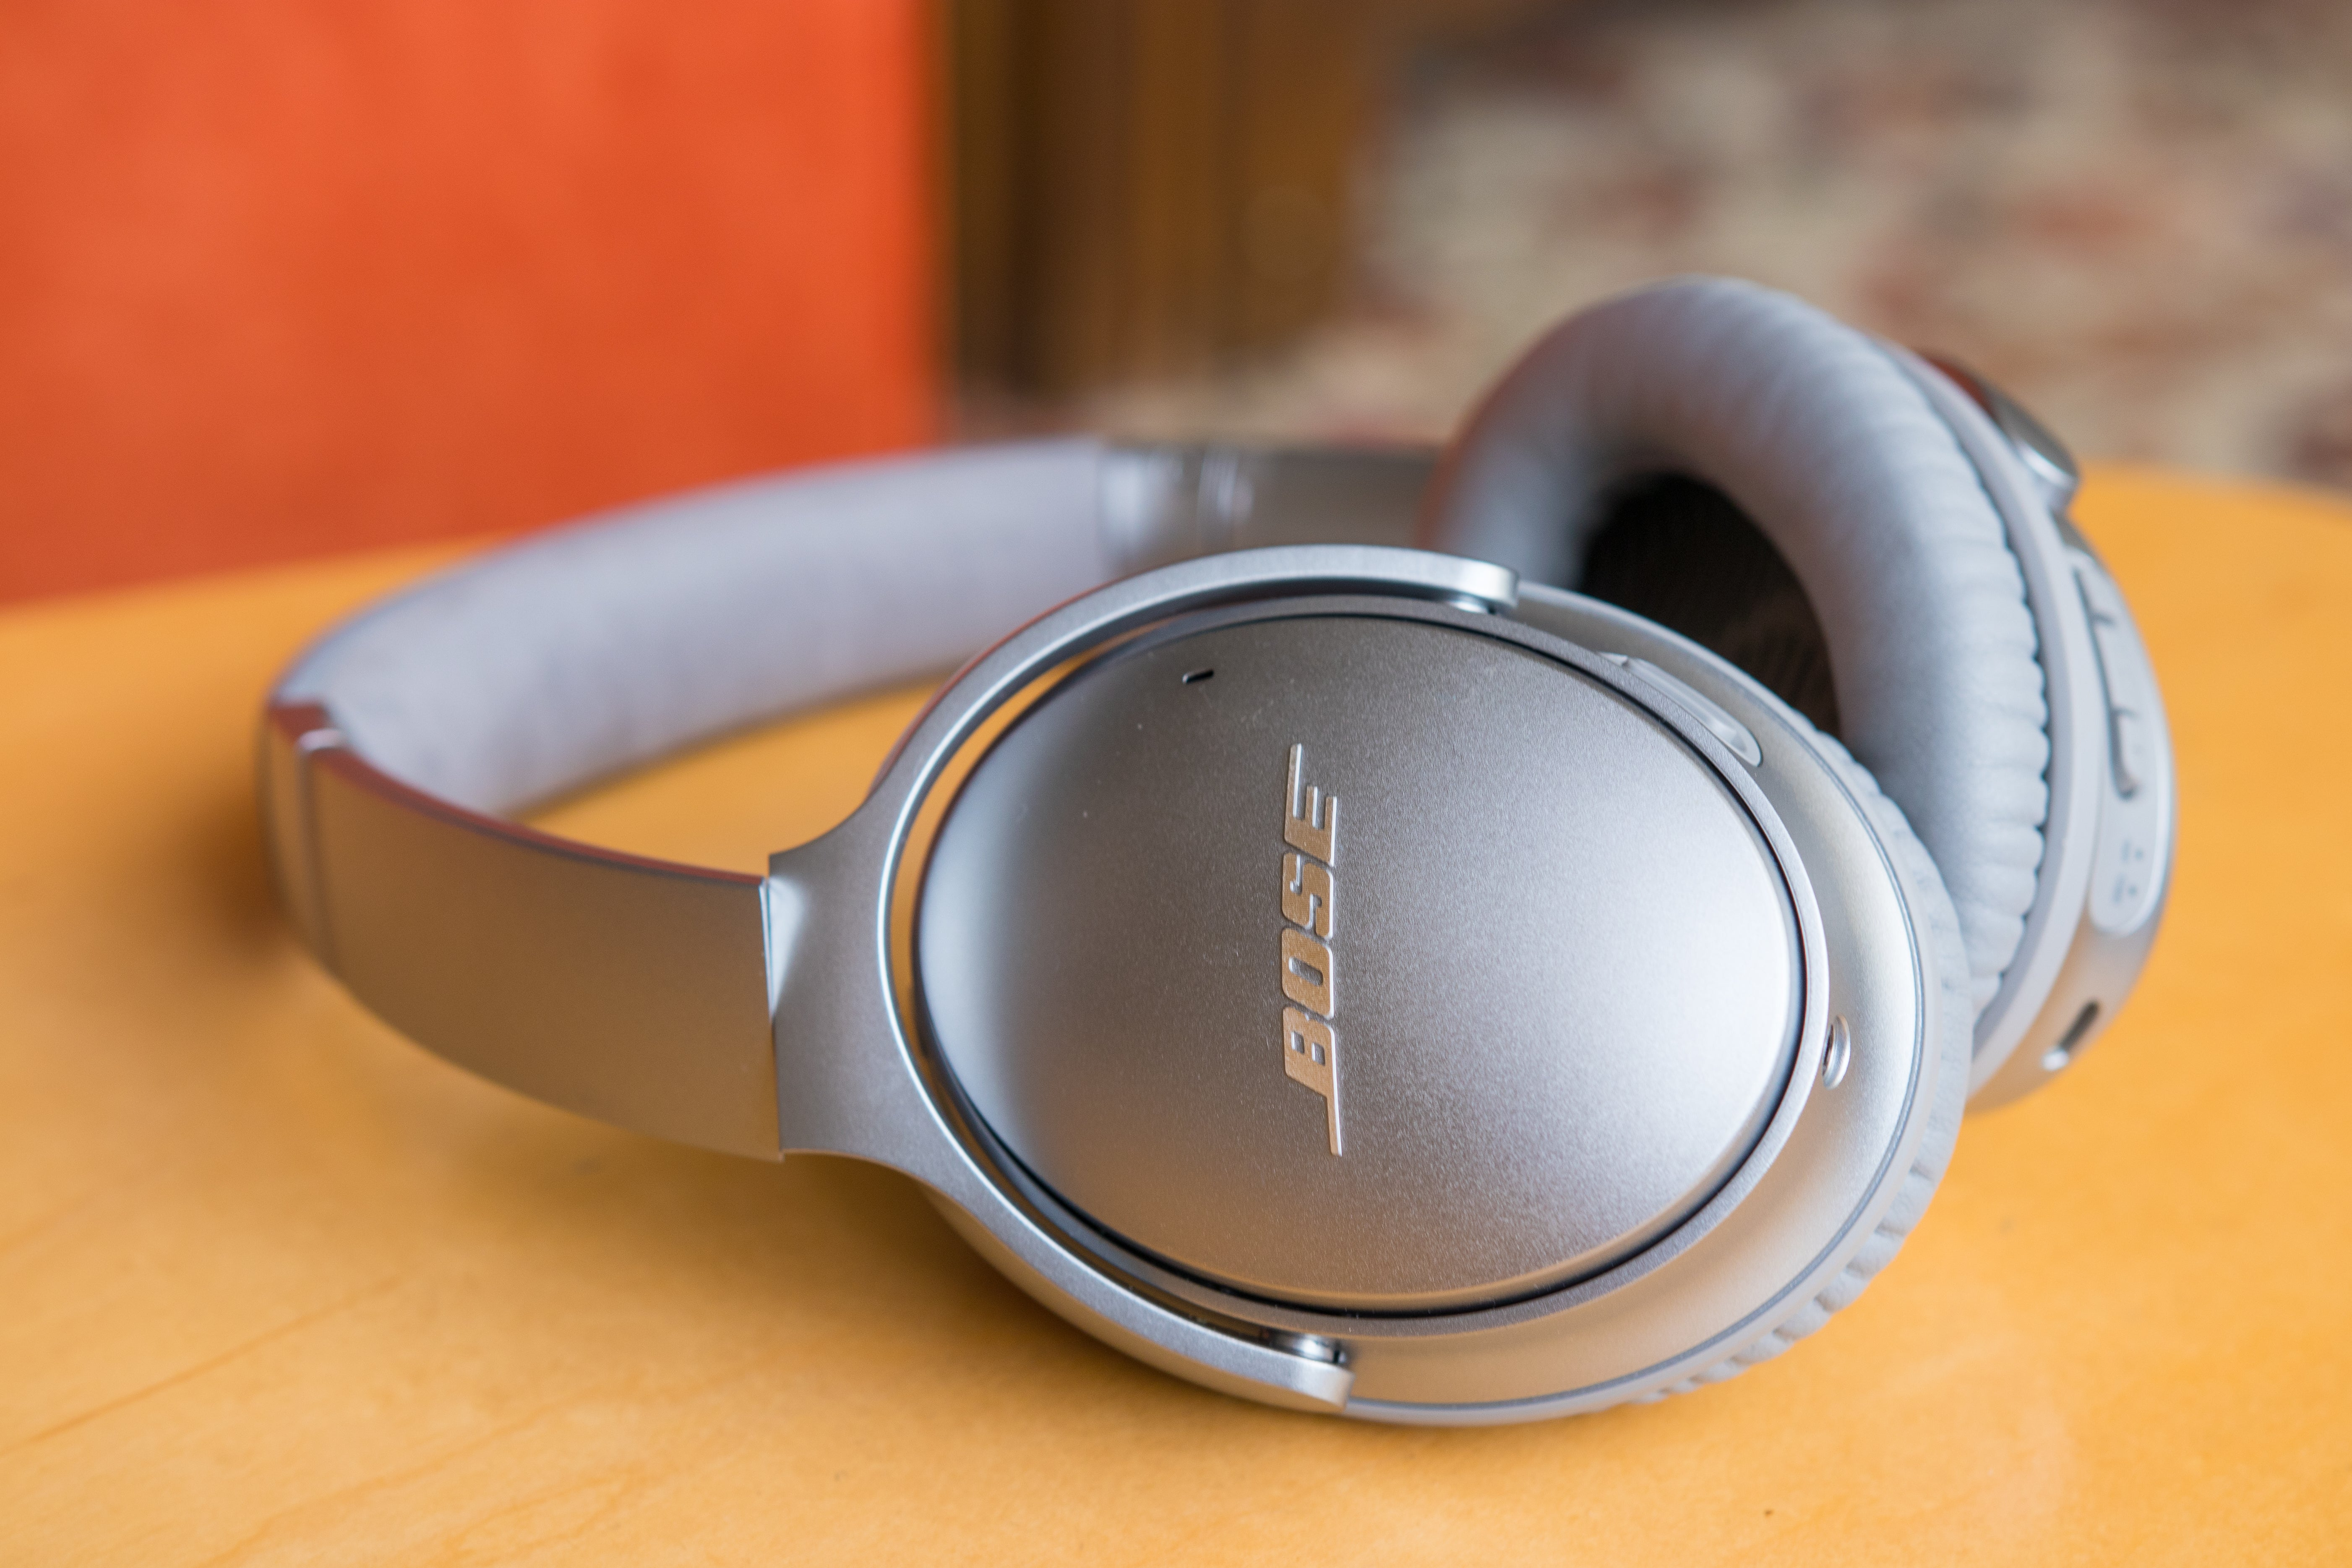 Bose QuietComfort 35 Series II